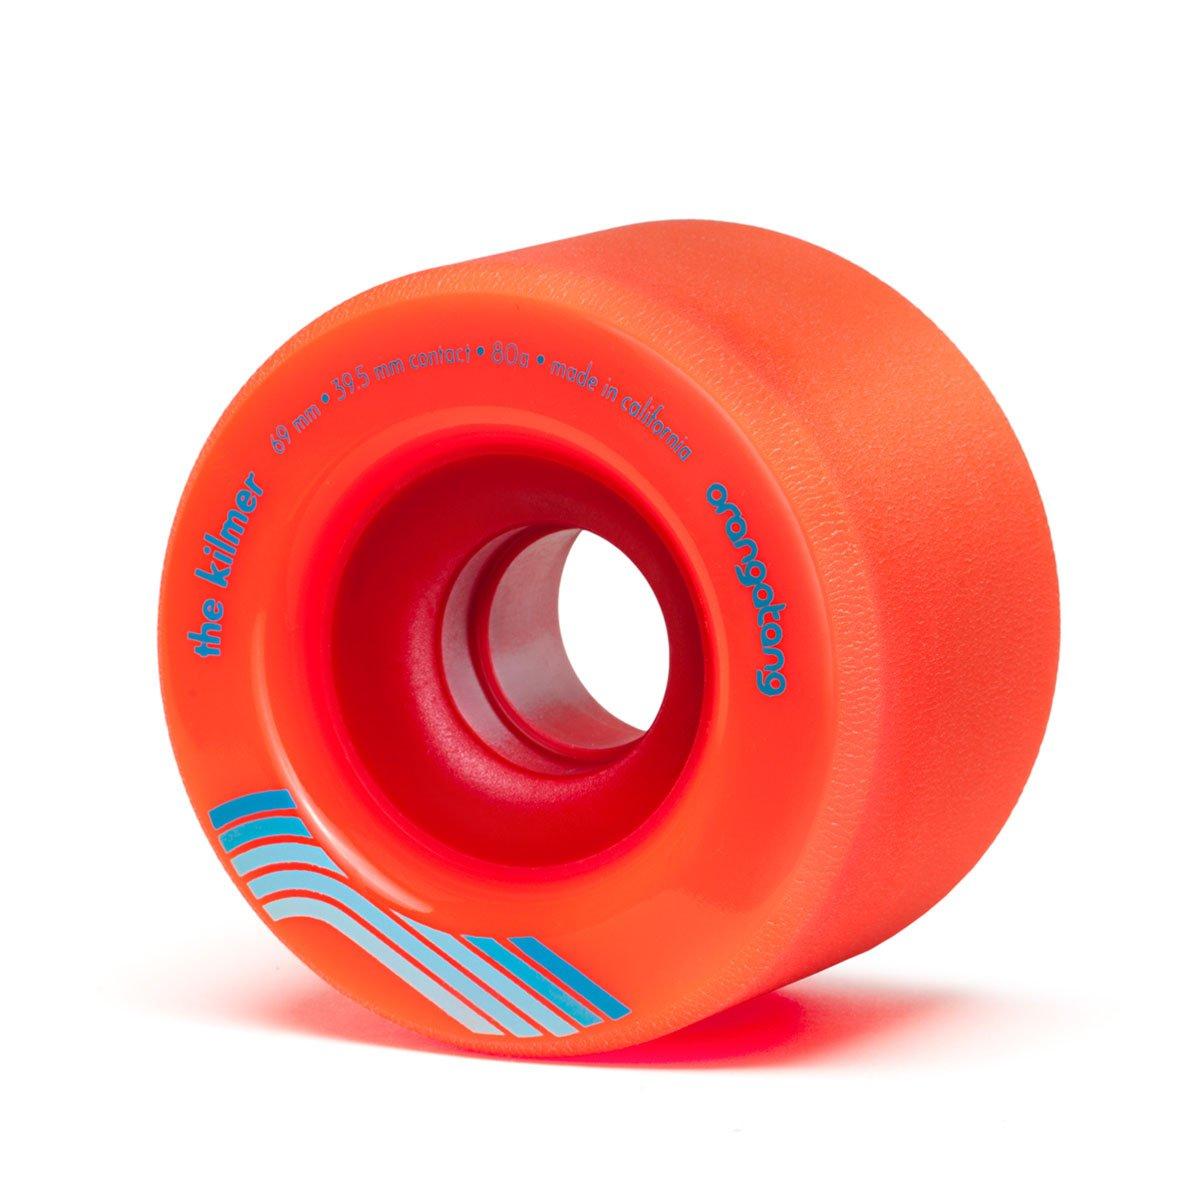 Orangatang Kilmer 69 mm Freeride Longboard ruedas de skateboard (juego de 4)